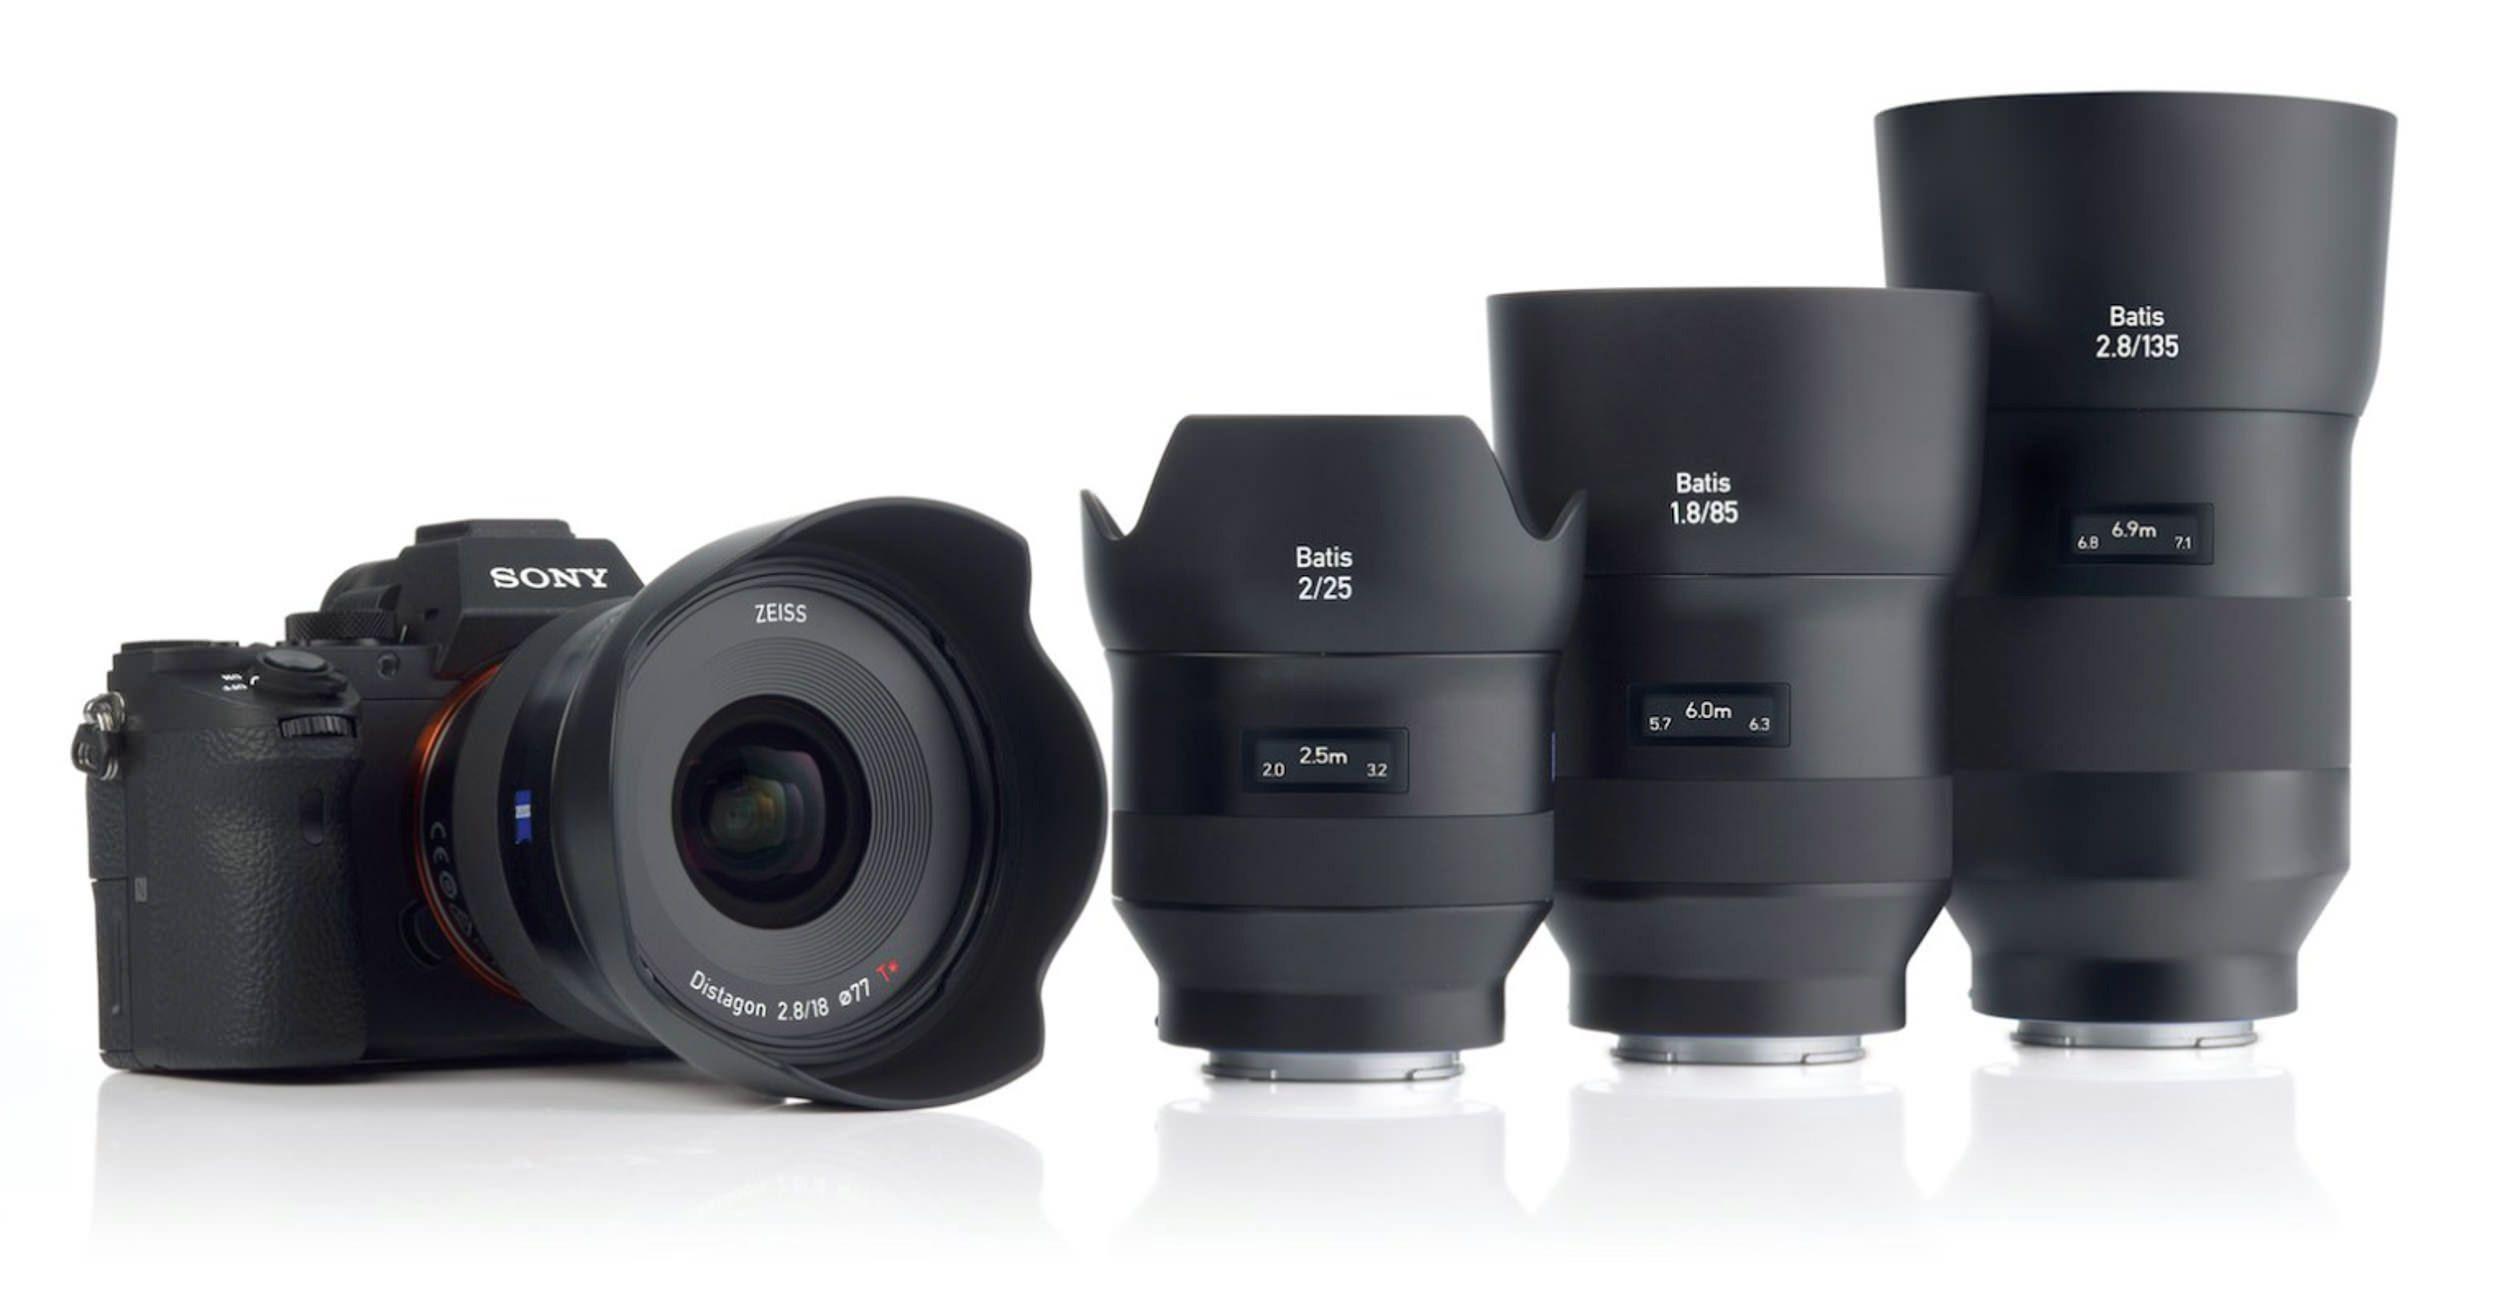 Невероятный объектив Zeiss Batis 240 CF изображения уже в сети - объективы Zeiss и фотоаппарат Sony